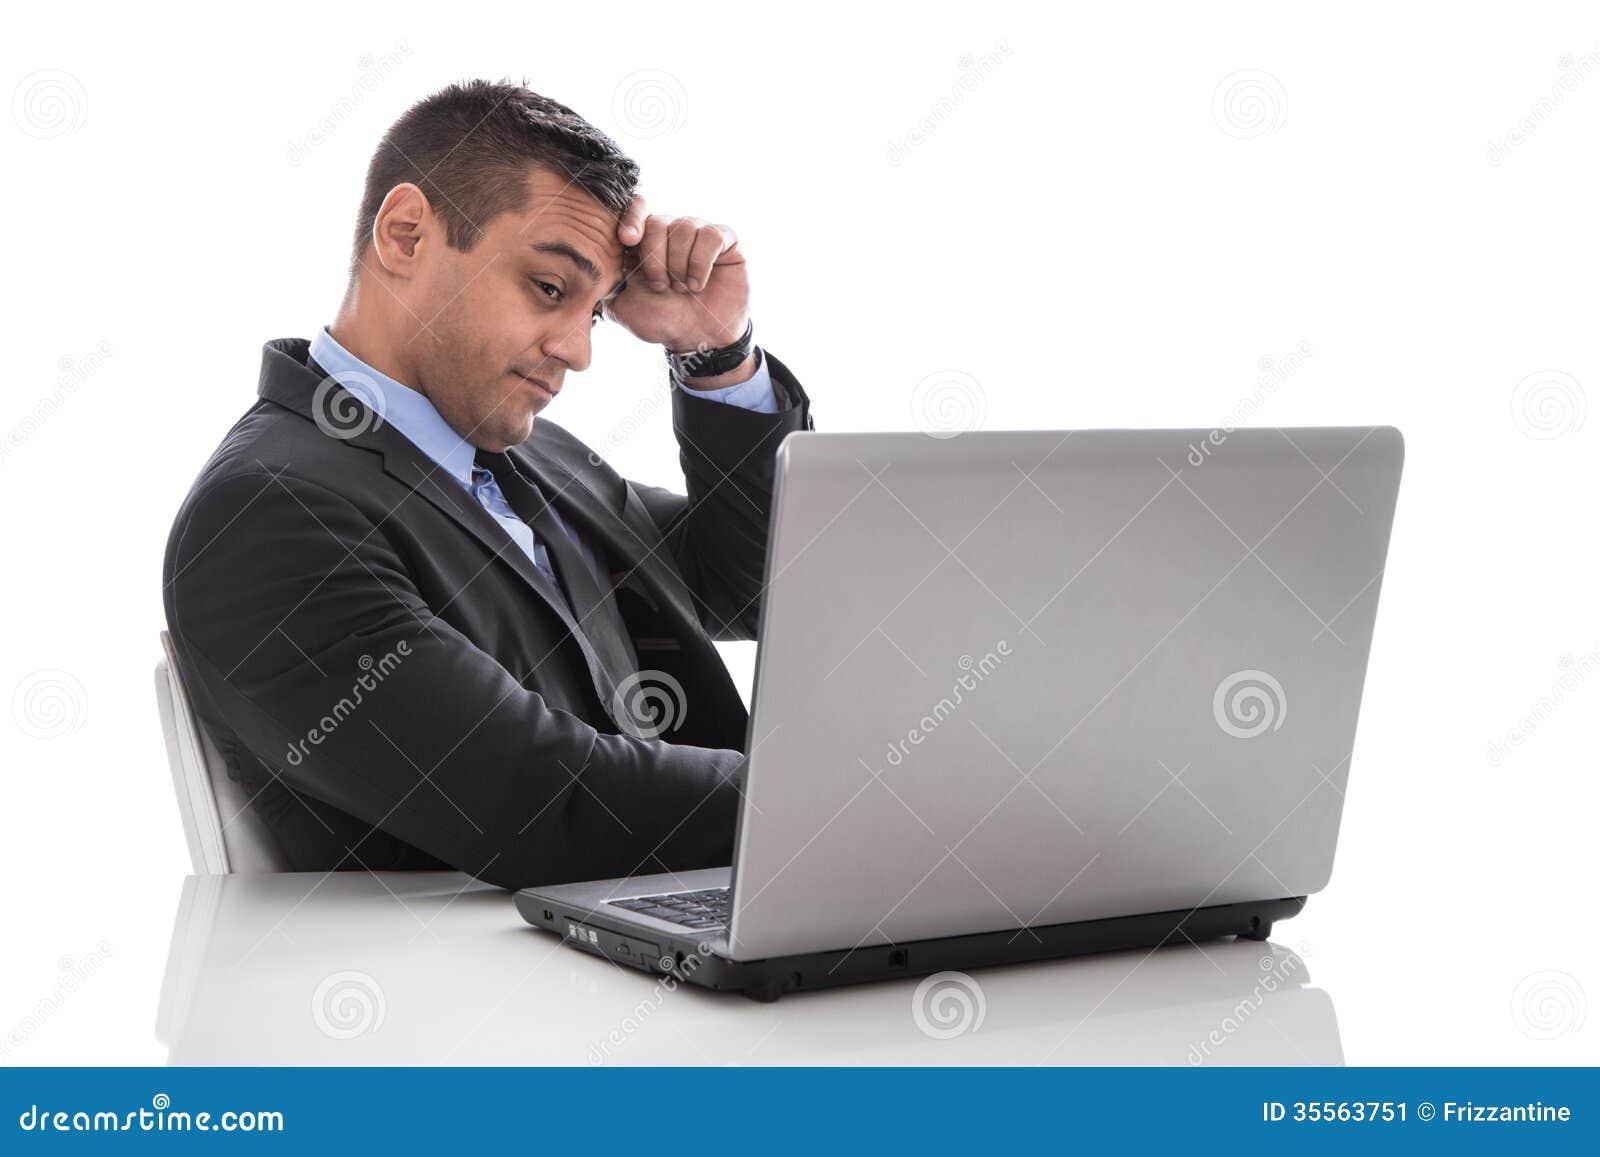 Отчаянный и вымотанный изолированный менеджер на столе - прогаре.